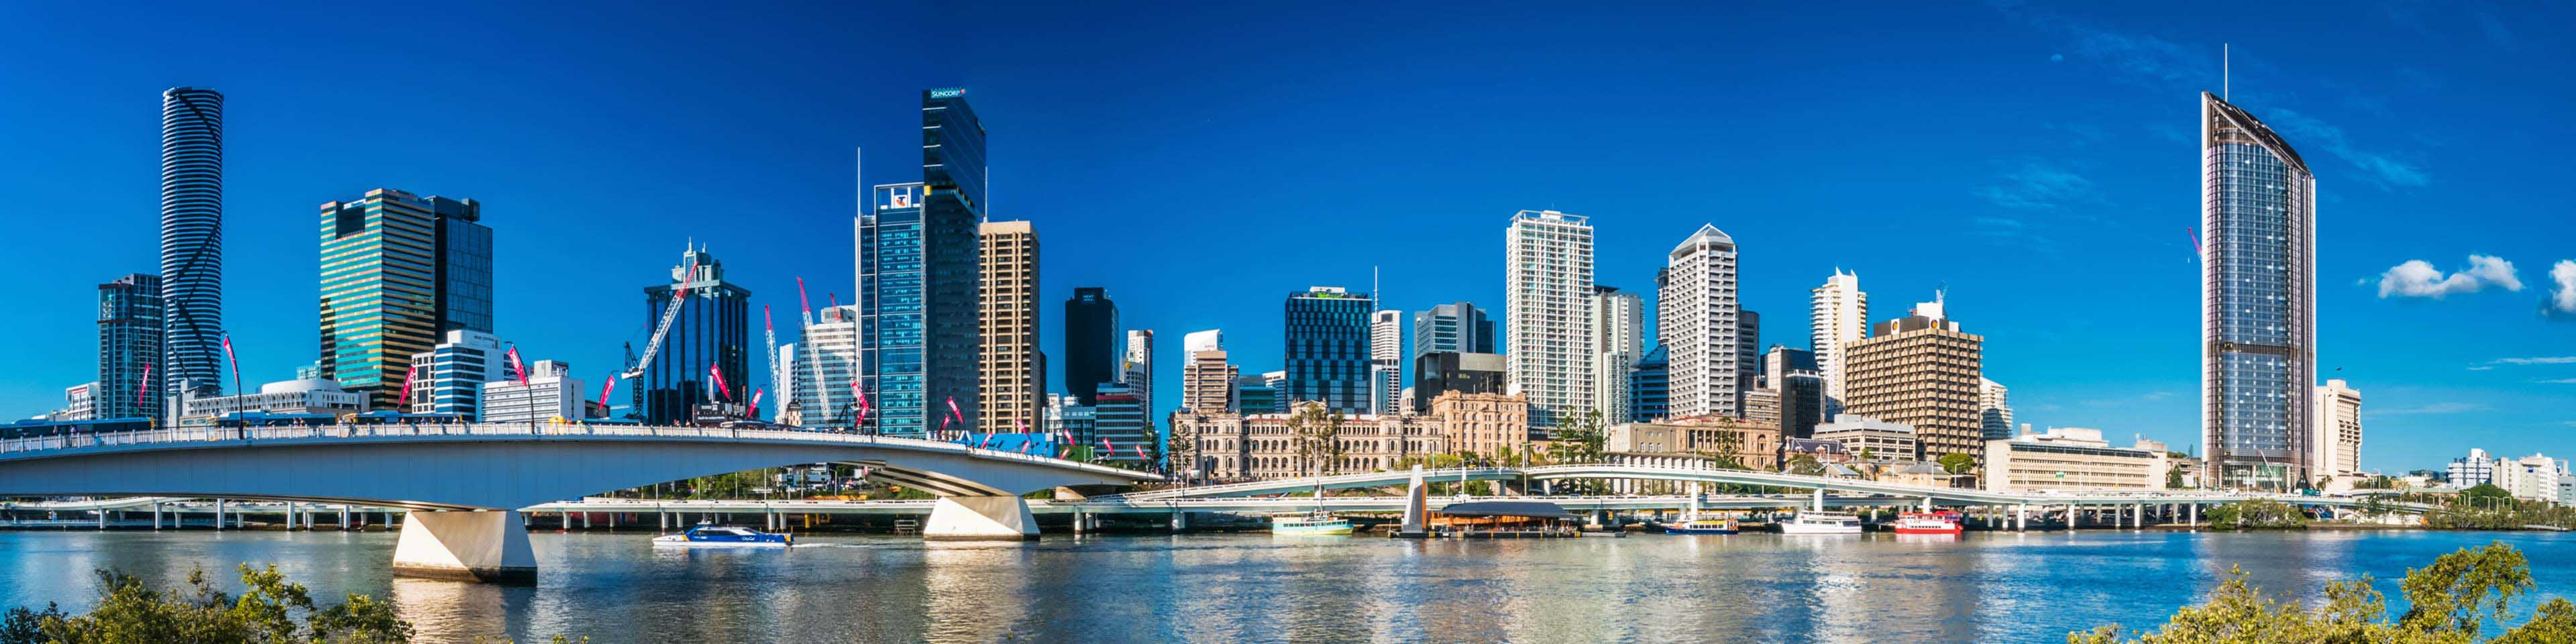 Doing Business in Australia